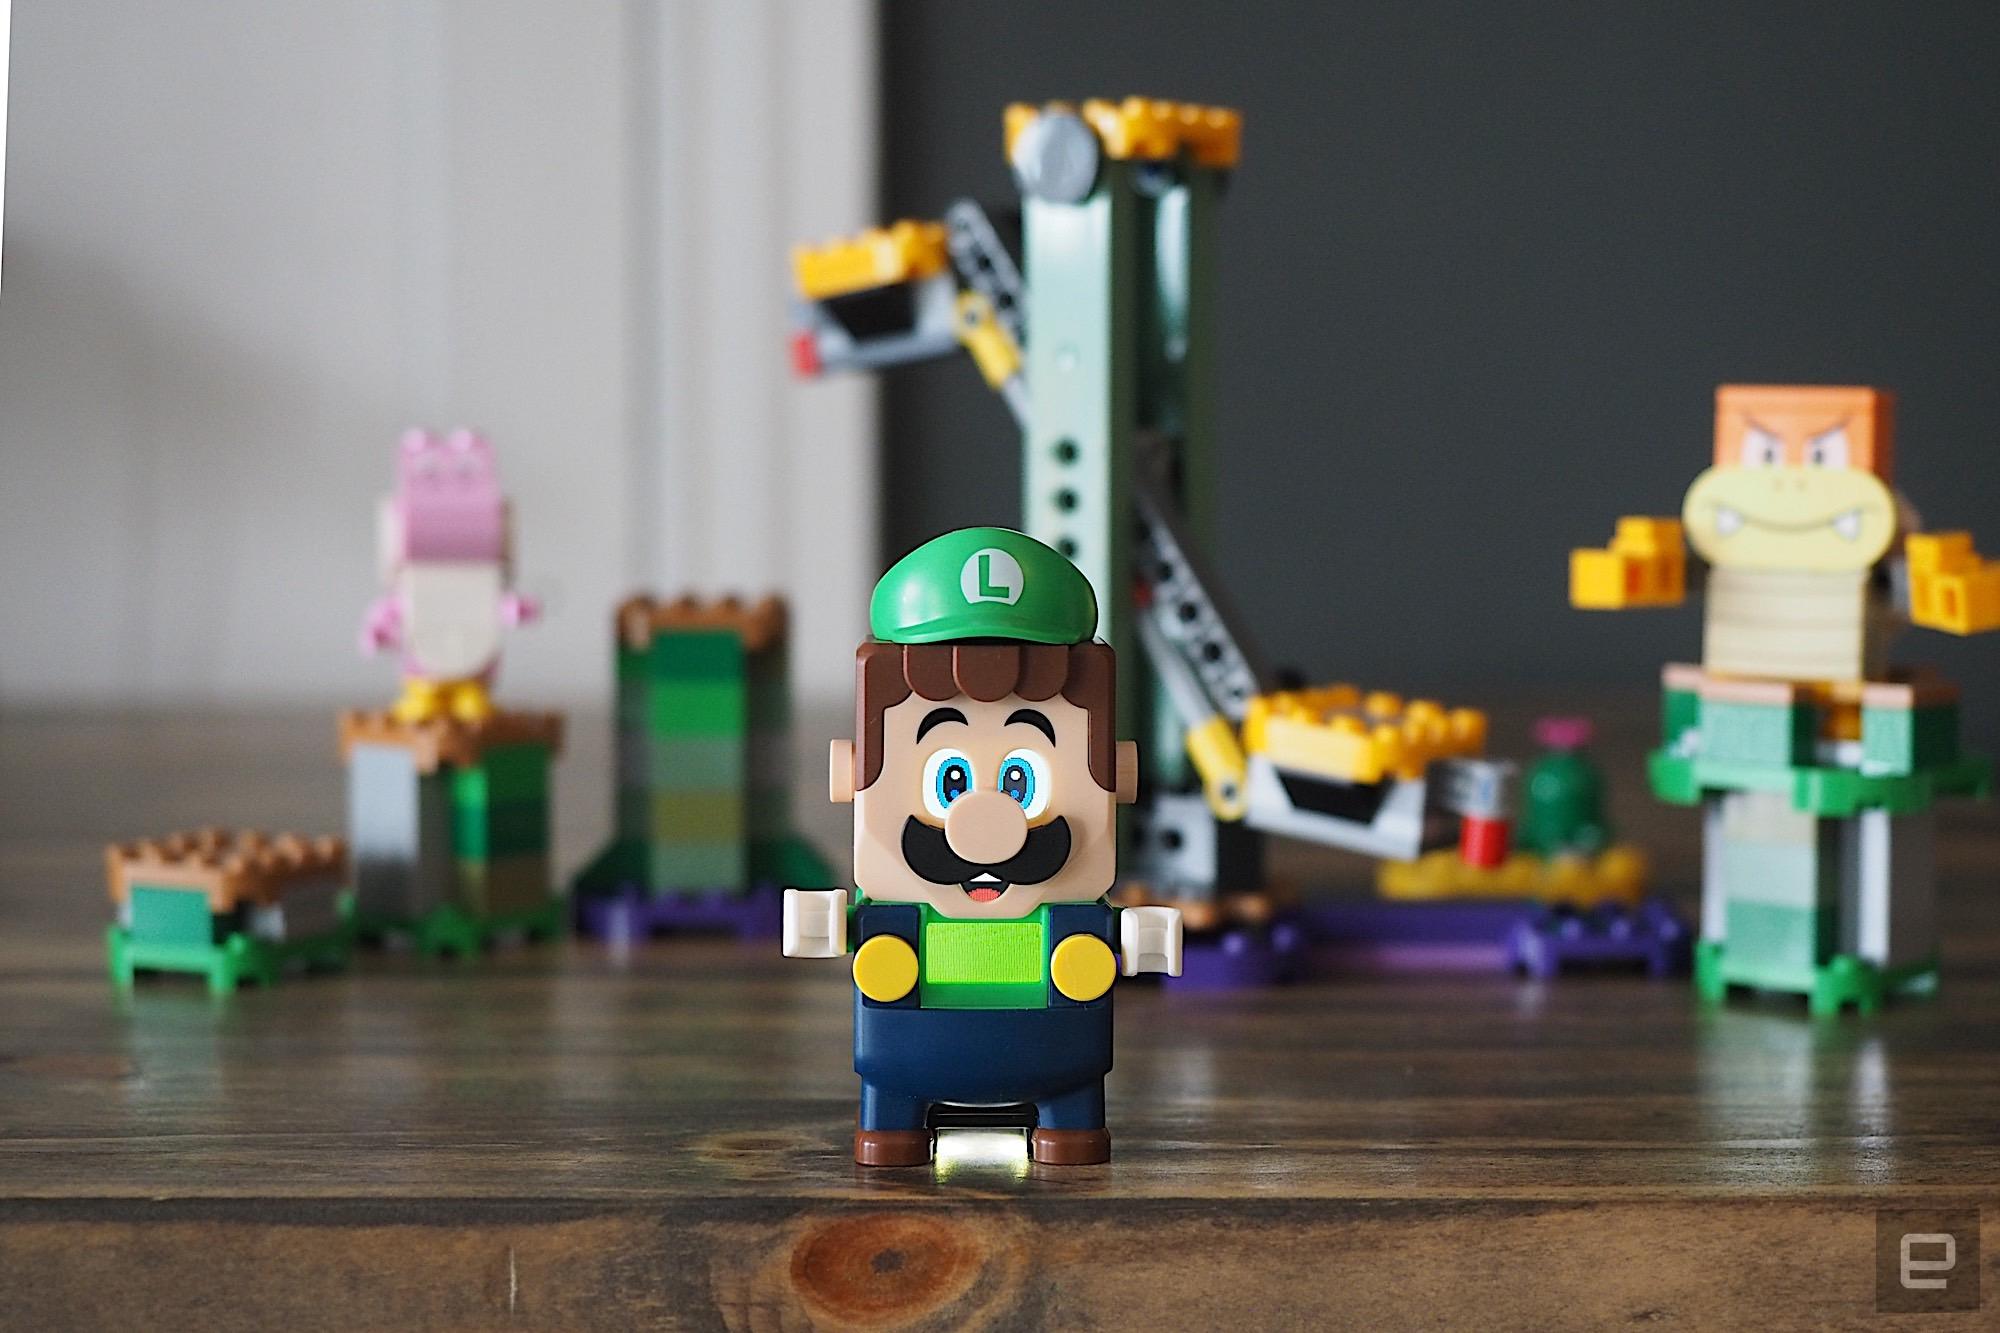 Lego Luigji set